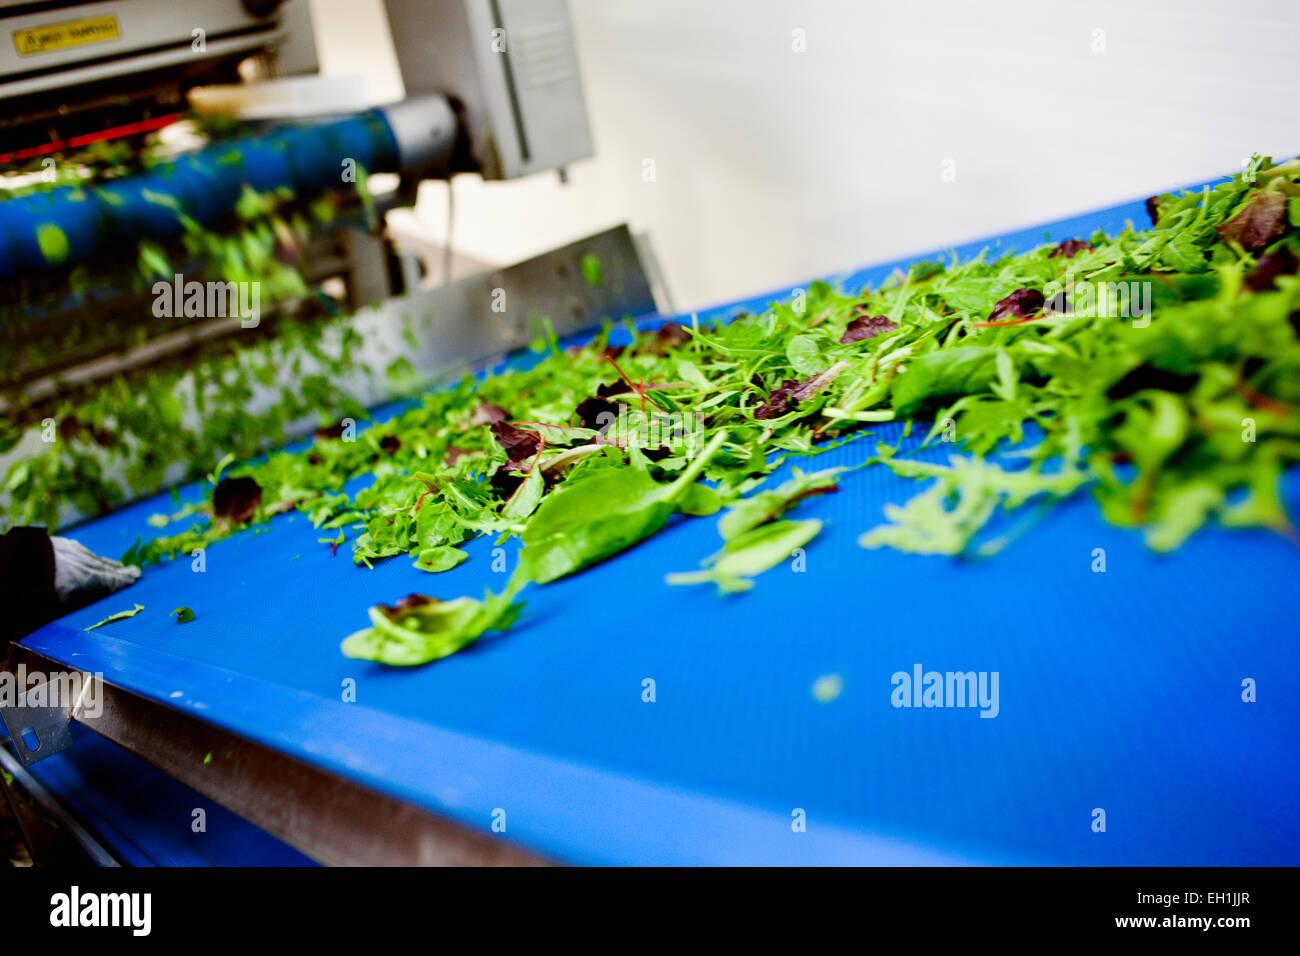 Fresh leafy vegetables on conveyer belt - Stock Image